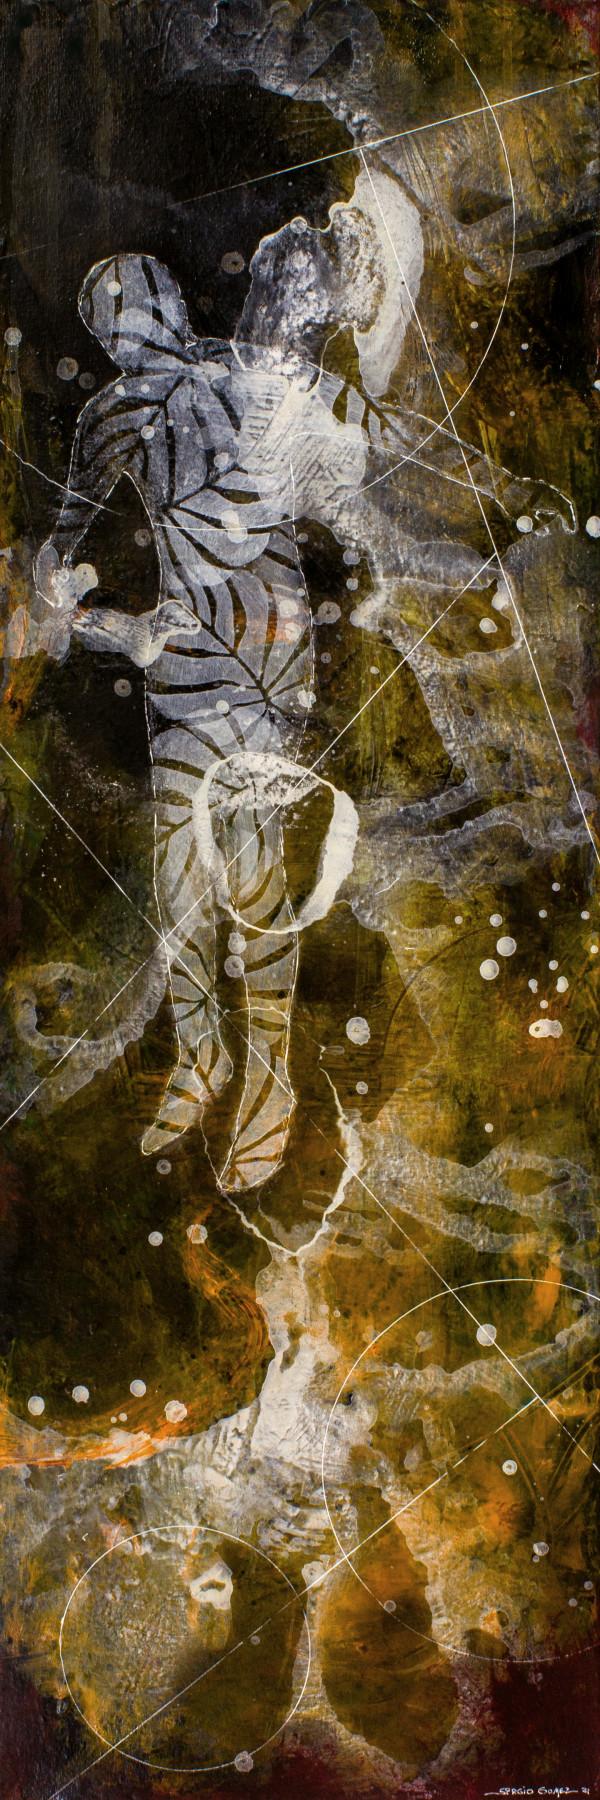 Diaphanous Bodies #1 by Sergio Gomez